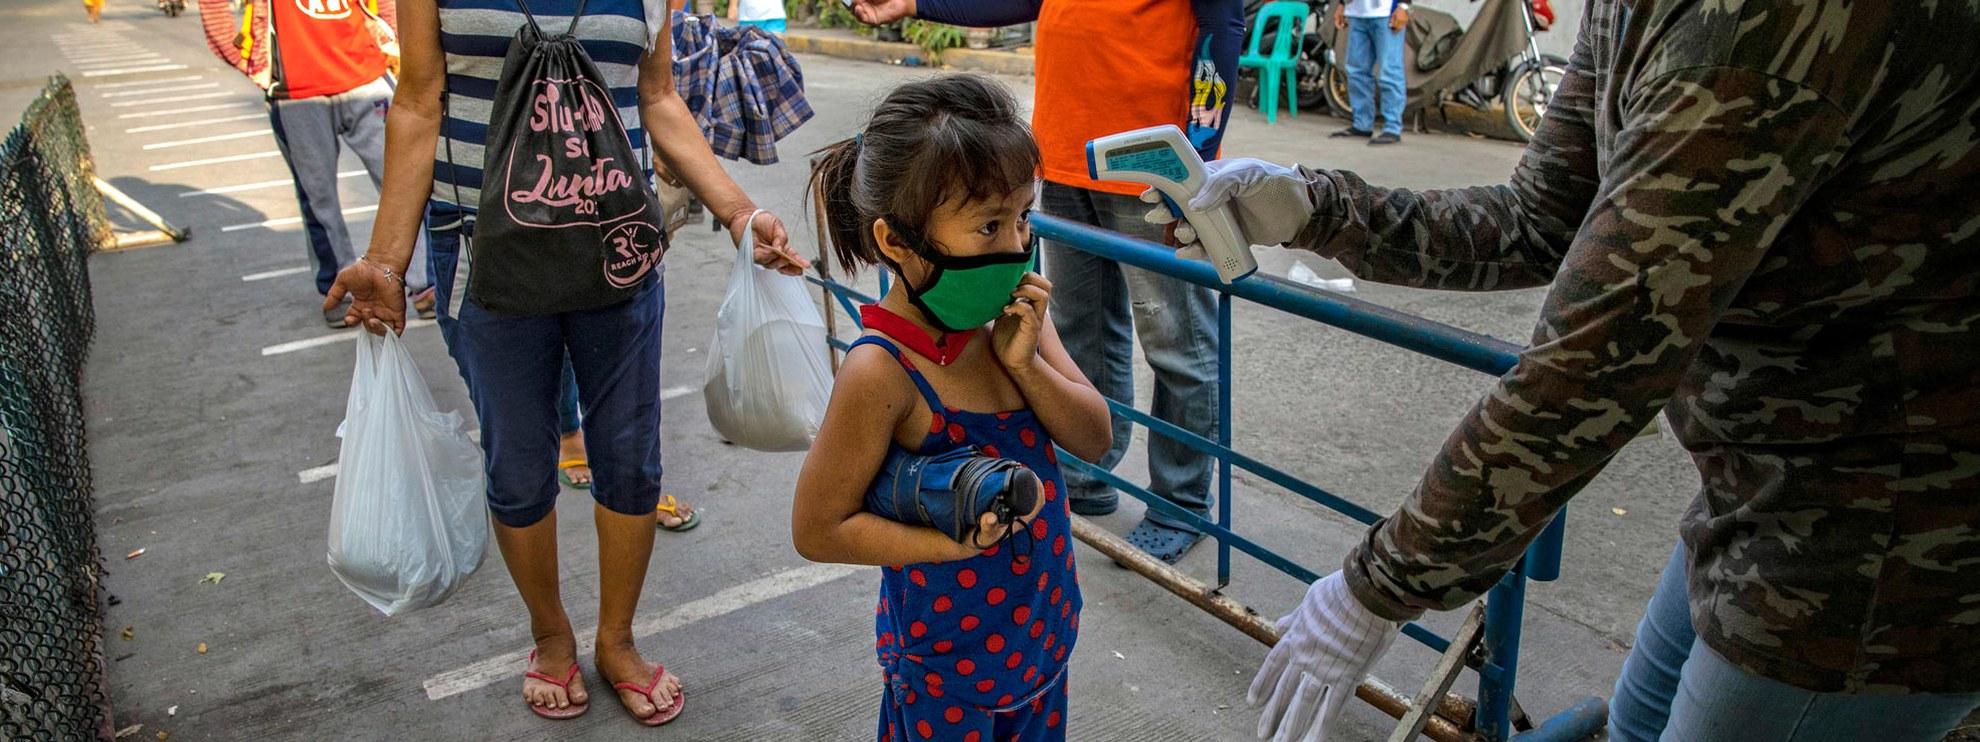 Nessuna eccezione: prima di entrare nella baraccopoli di Manila, questa bimba deve farsi misurare la febbre. A inizio aprile il presidente Rodrigo Duterte ha ordinato che le forze dell'ordine possono sparare ai residenti sorpresi a violare le norme della quarantena.  © Ezra Acayan/Getty Images